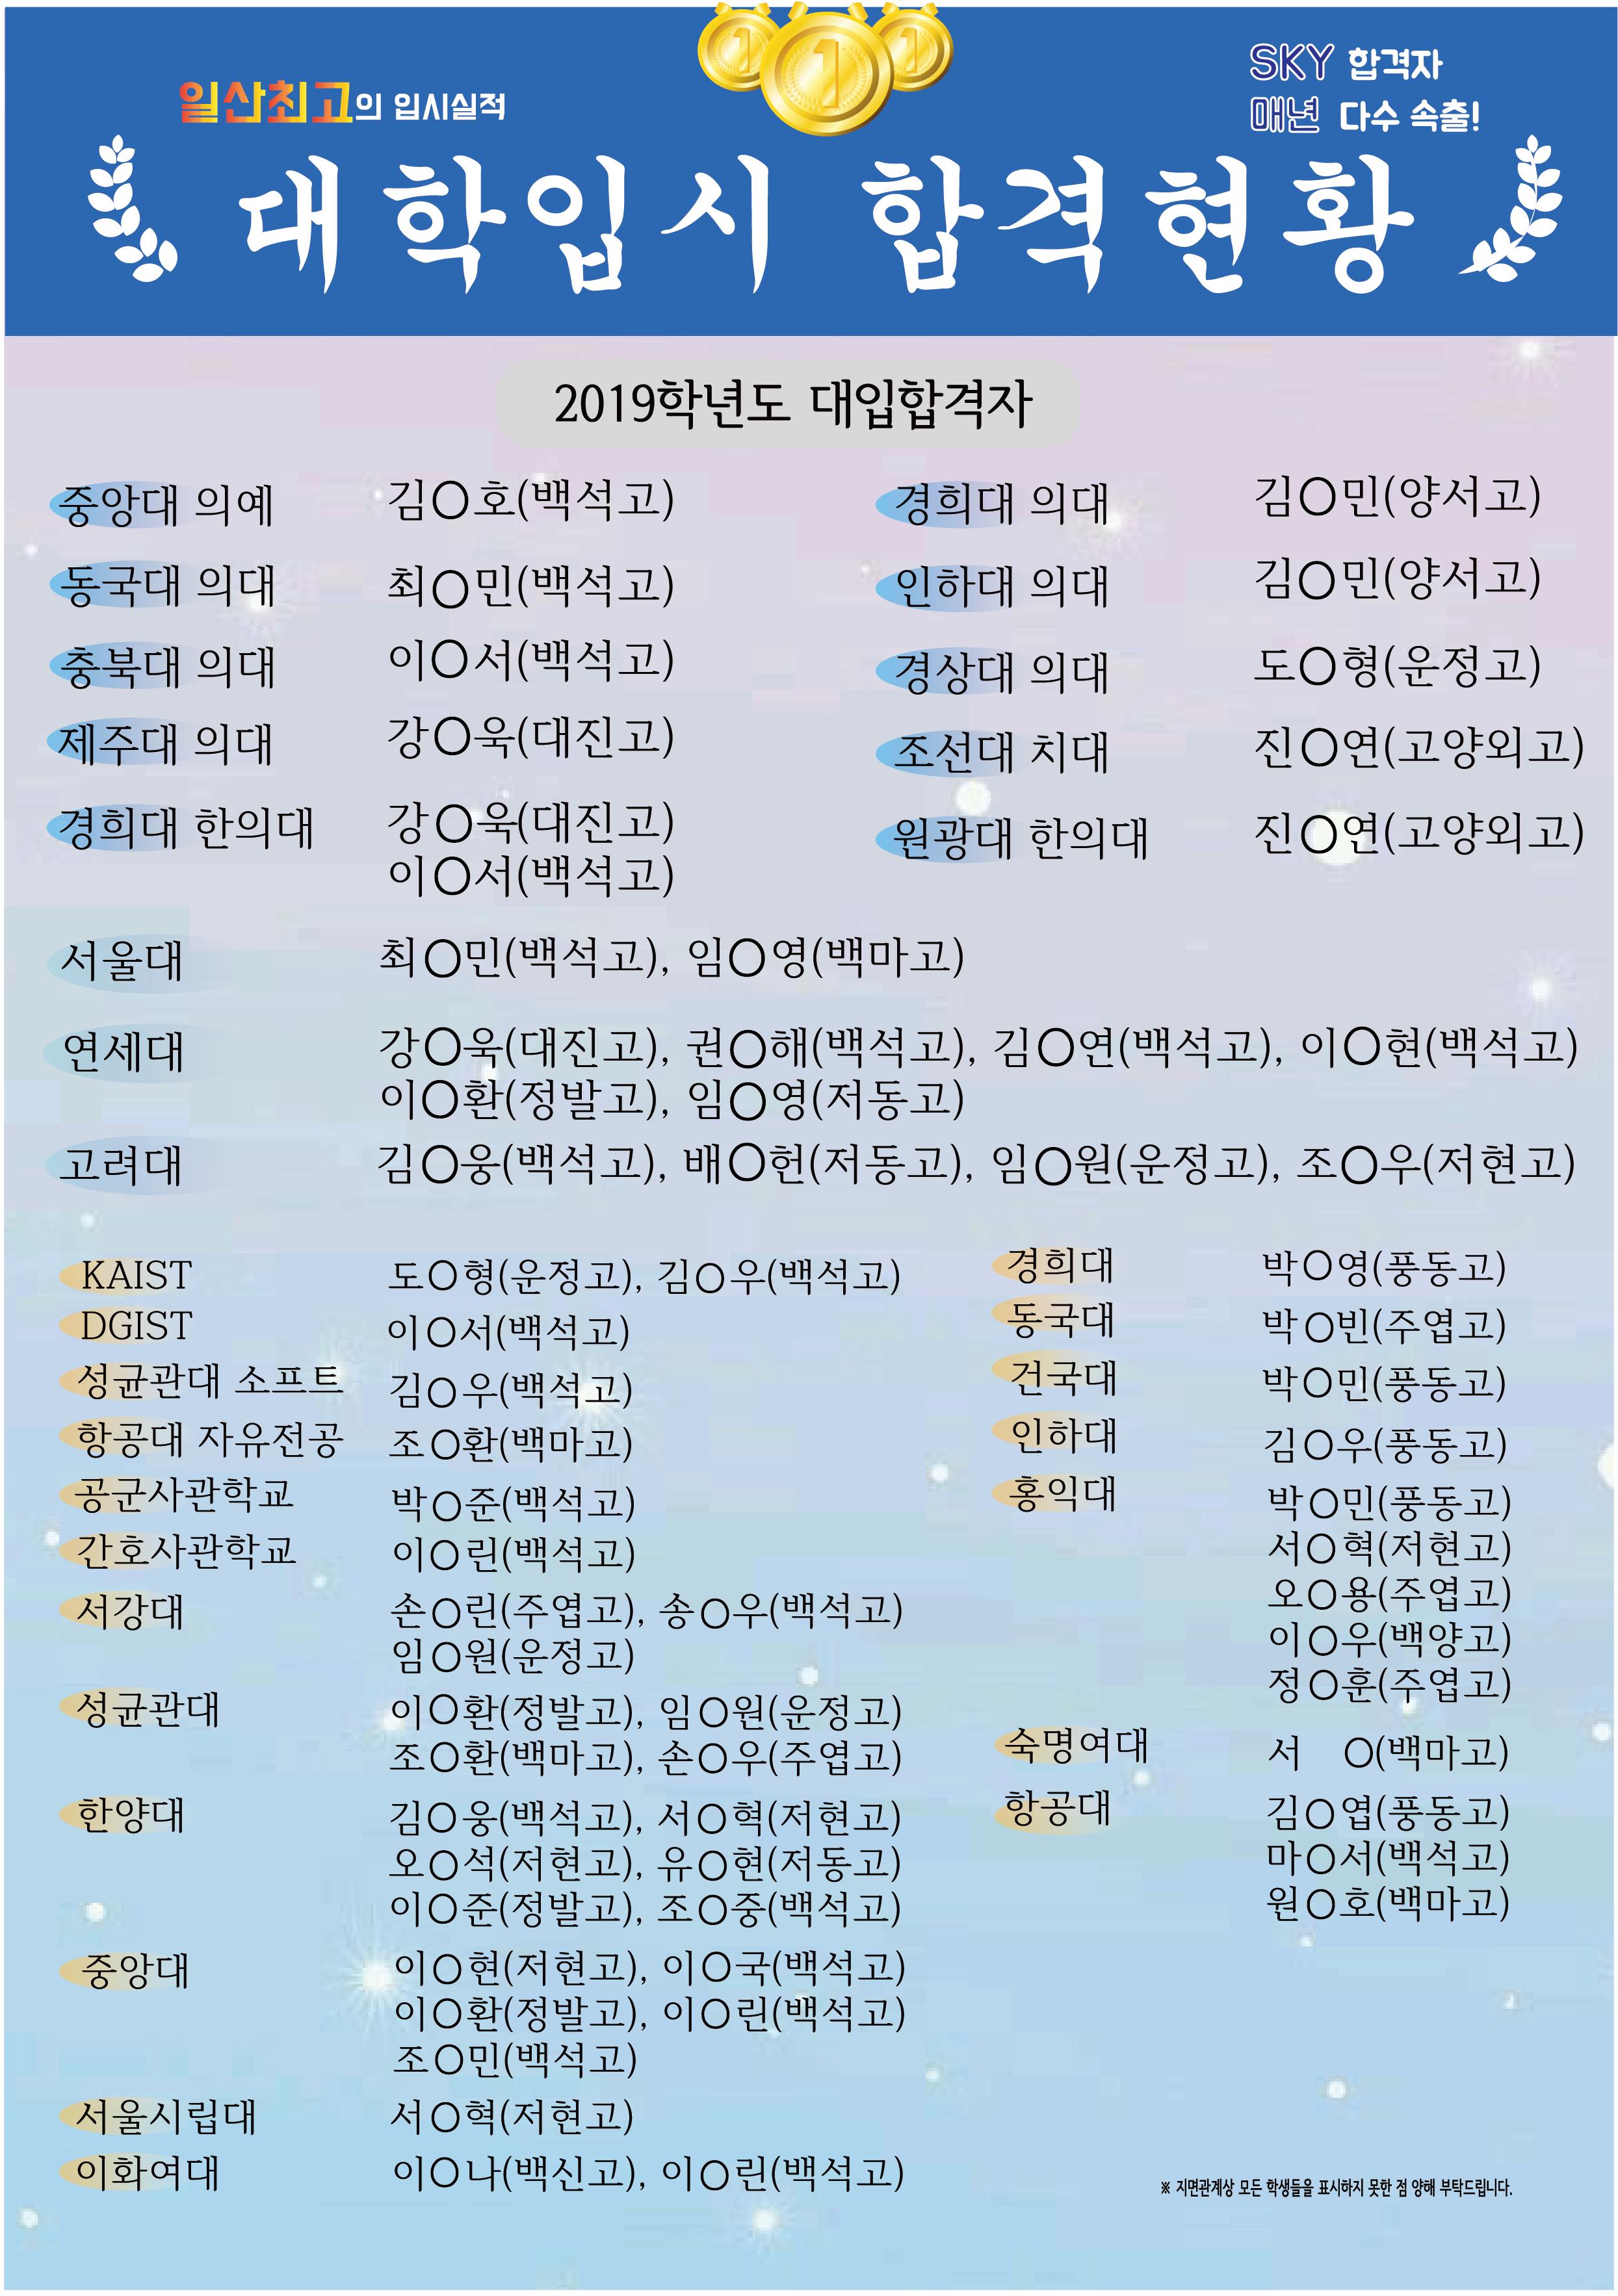 실적보드A4 size0317완_이름빵2.png